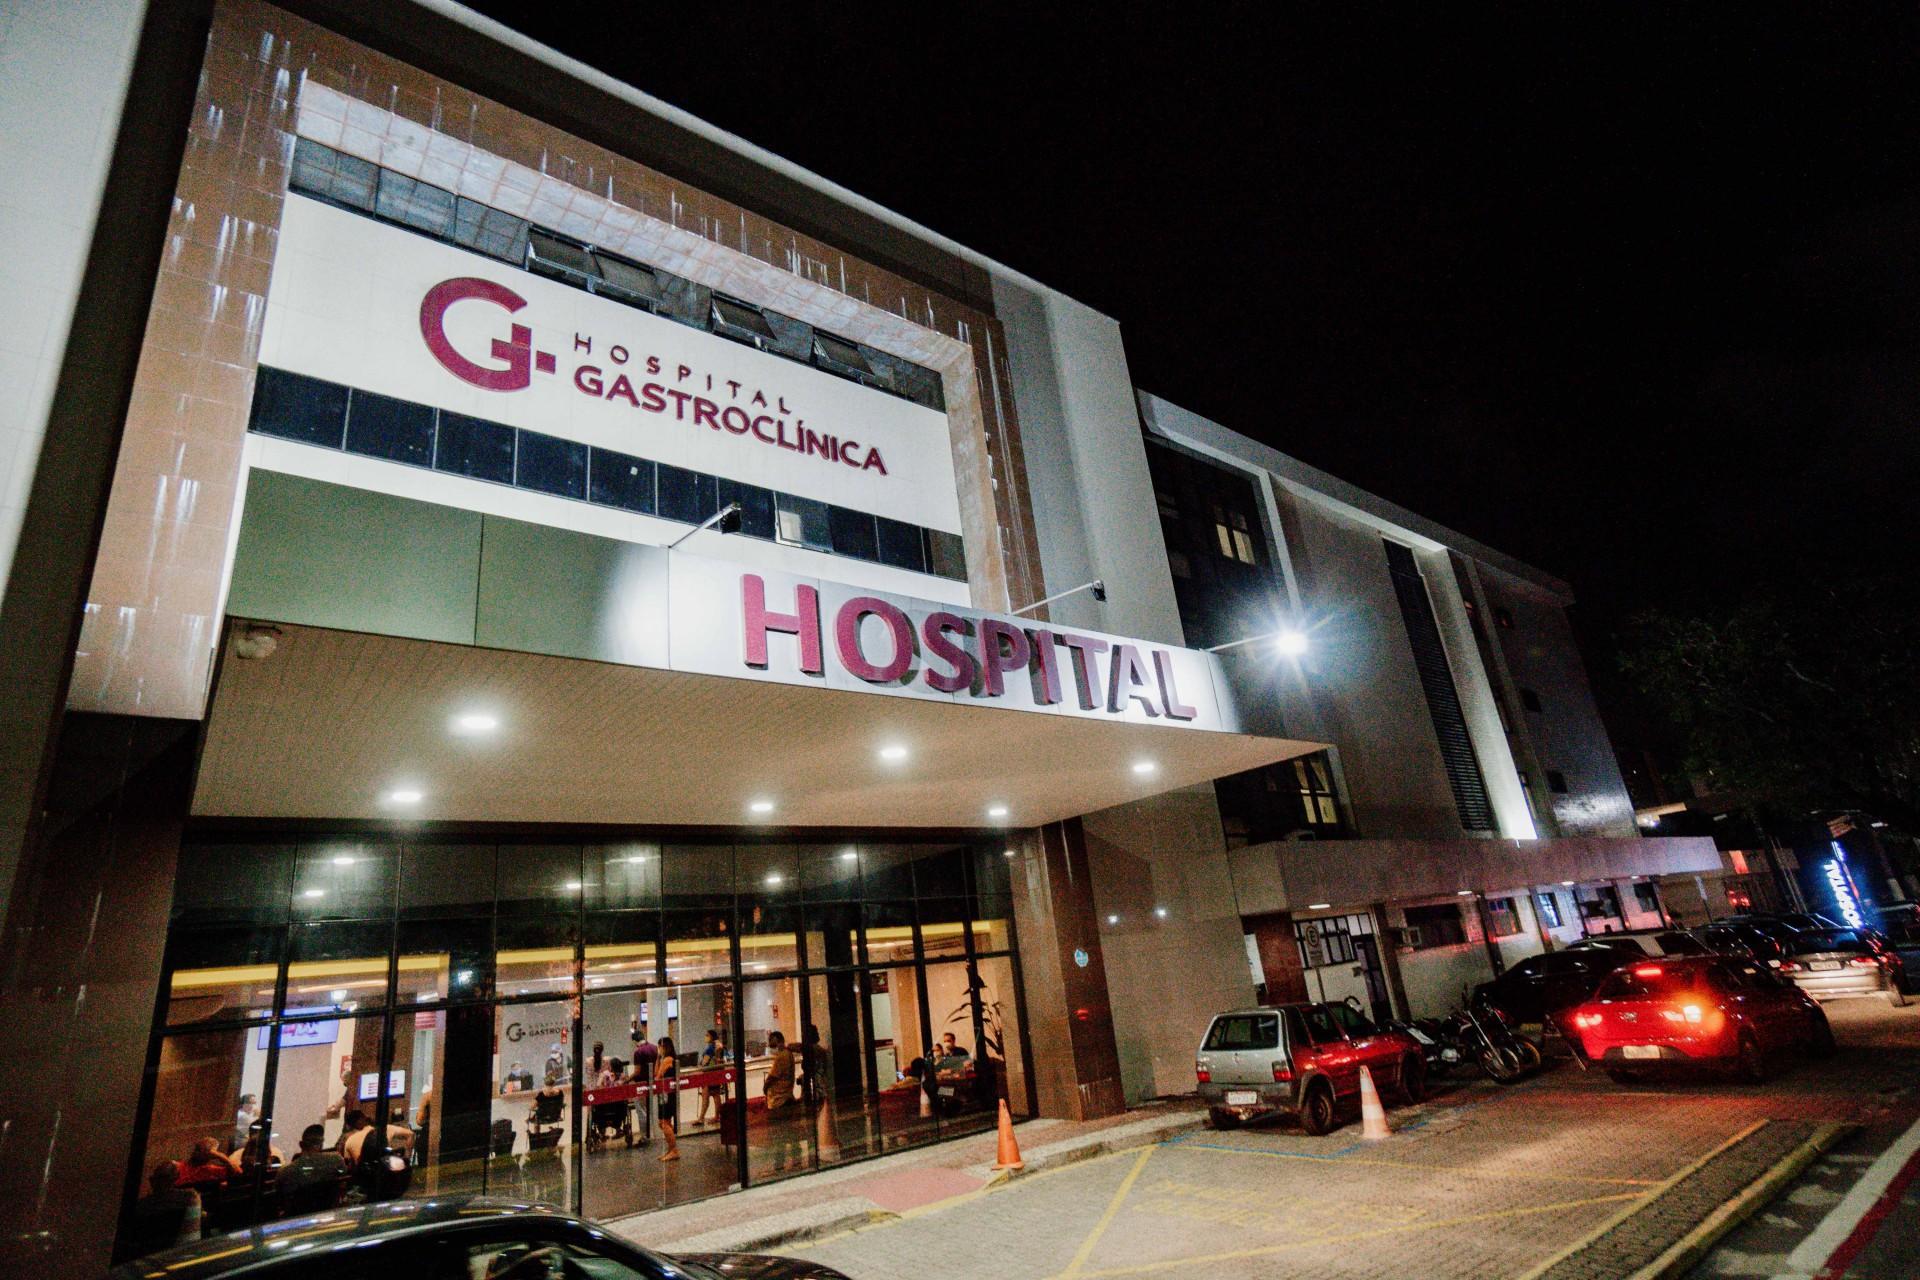 Aquisição da Gastroclínica marca entrada da Kora no Nordeste (Foto: JÚLIO CAESAR)